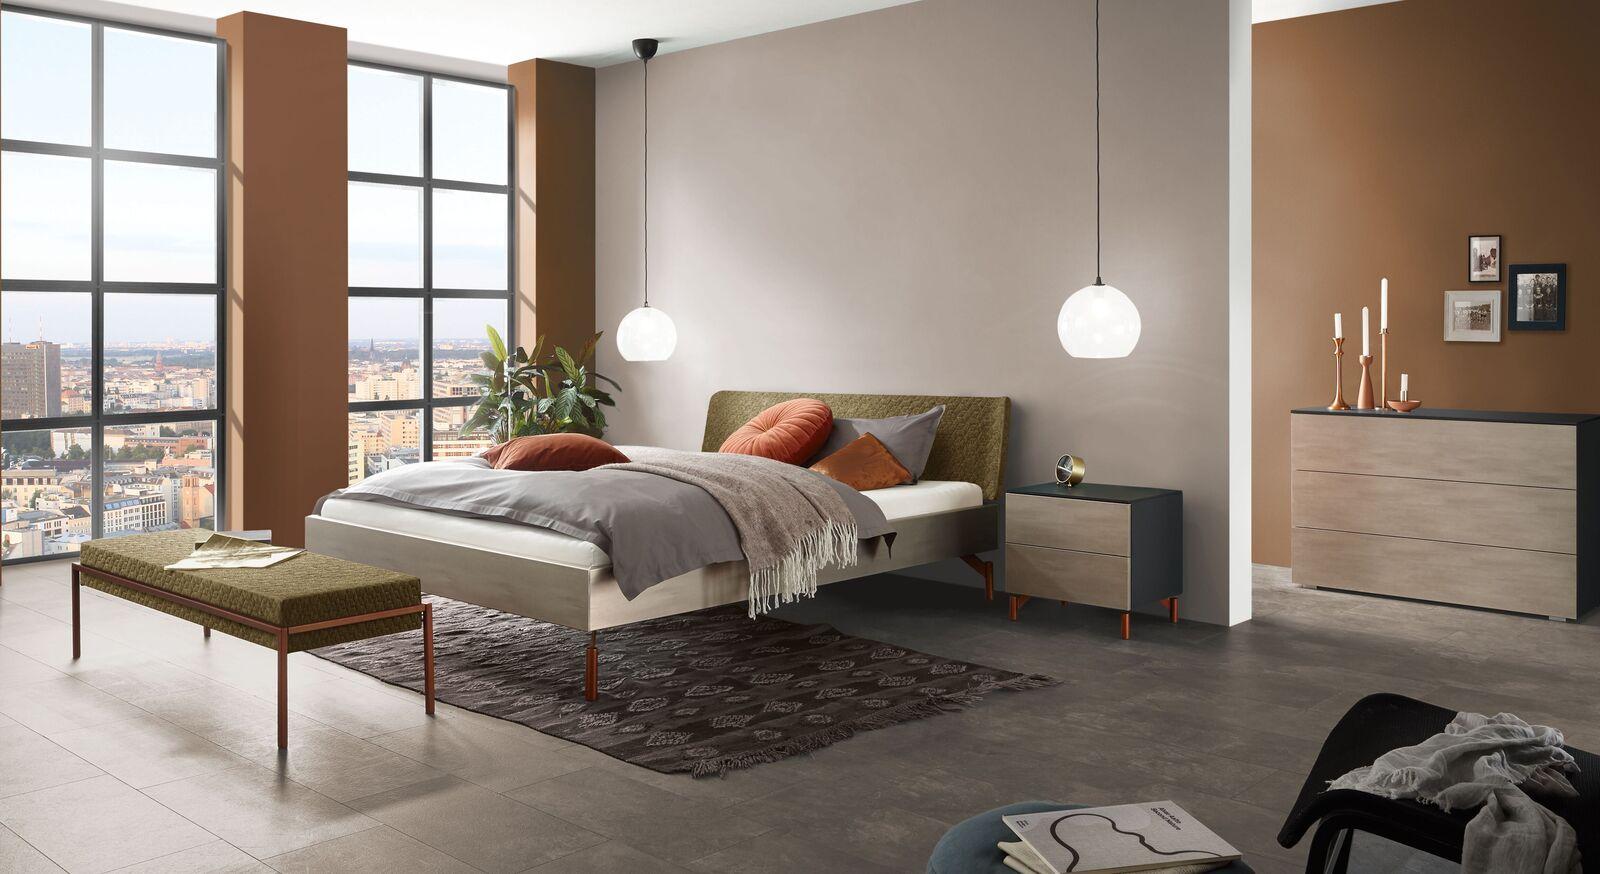 Bett Diorit mit passenden Beimöbeln